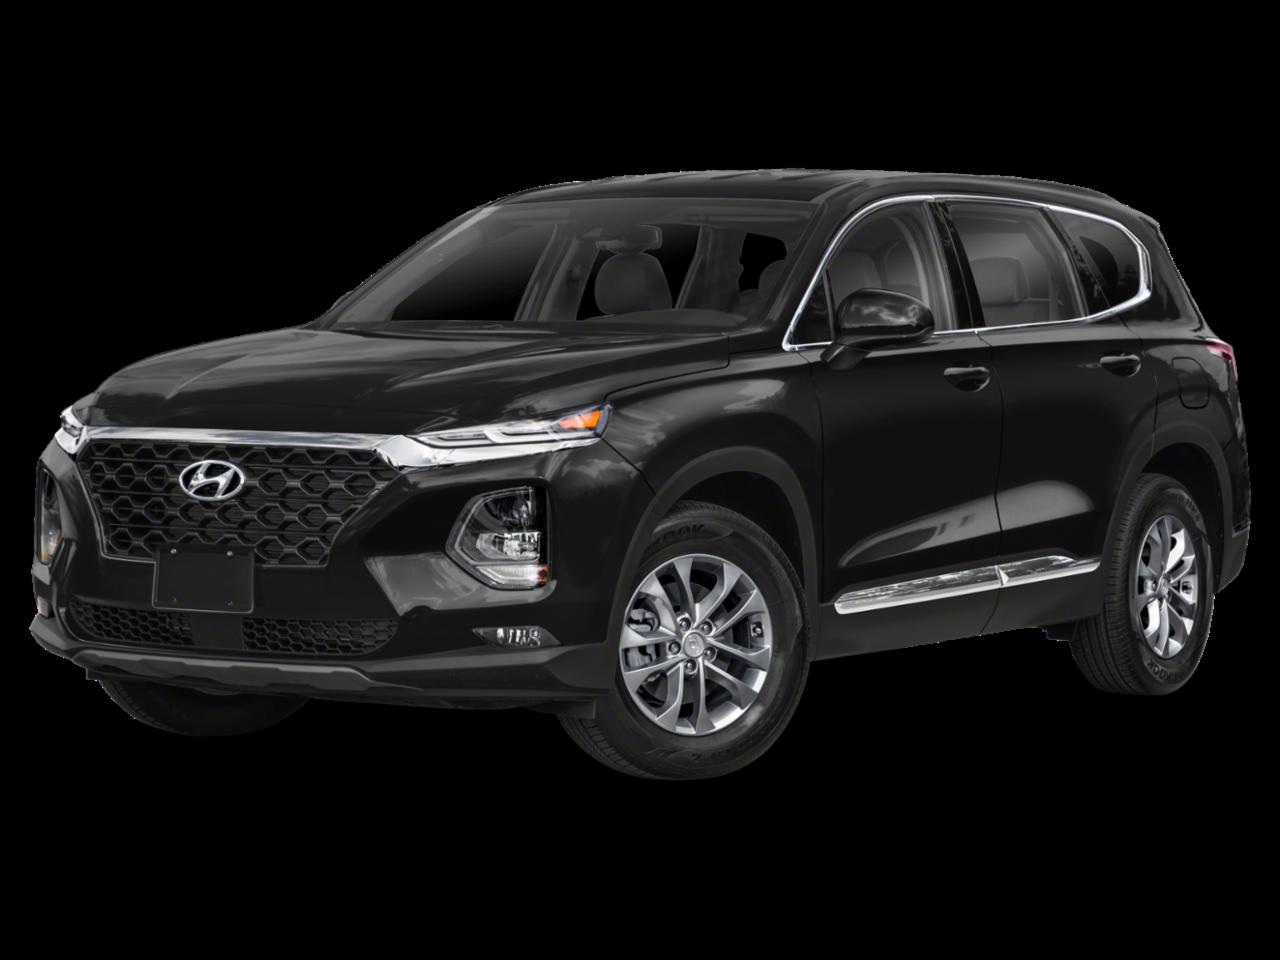 New 2020 Hyundai Santa Fe Limited w/SULEV